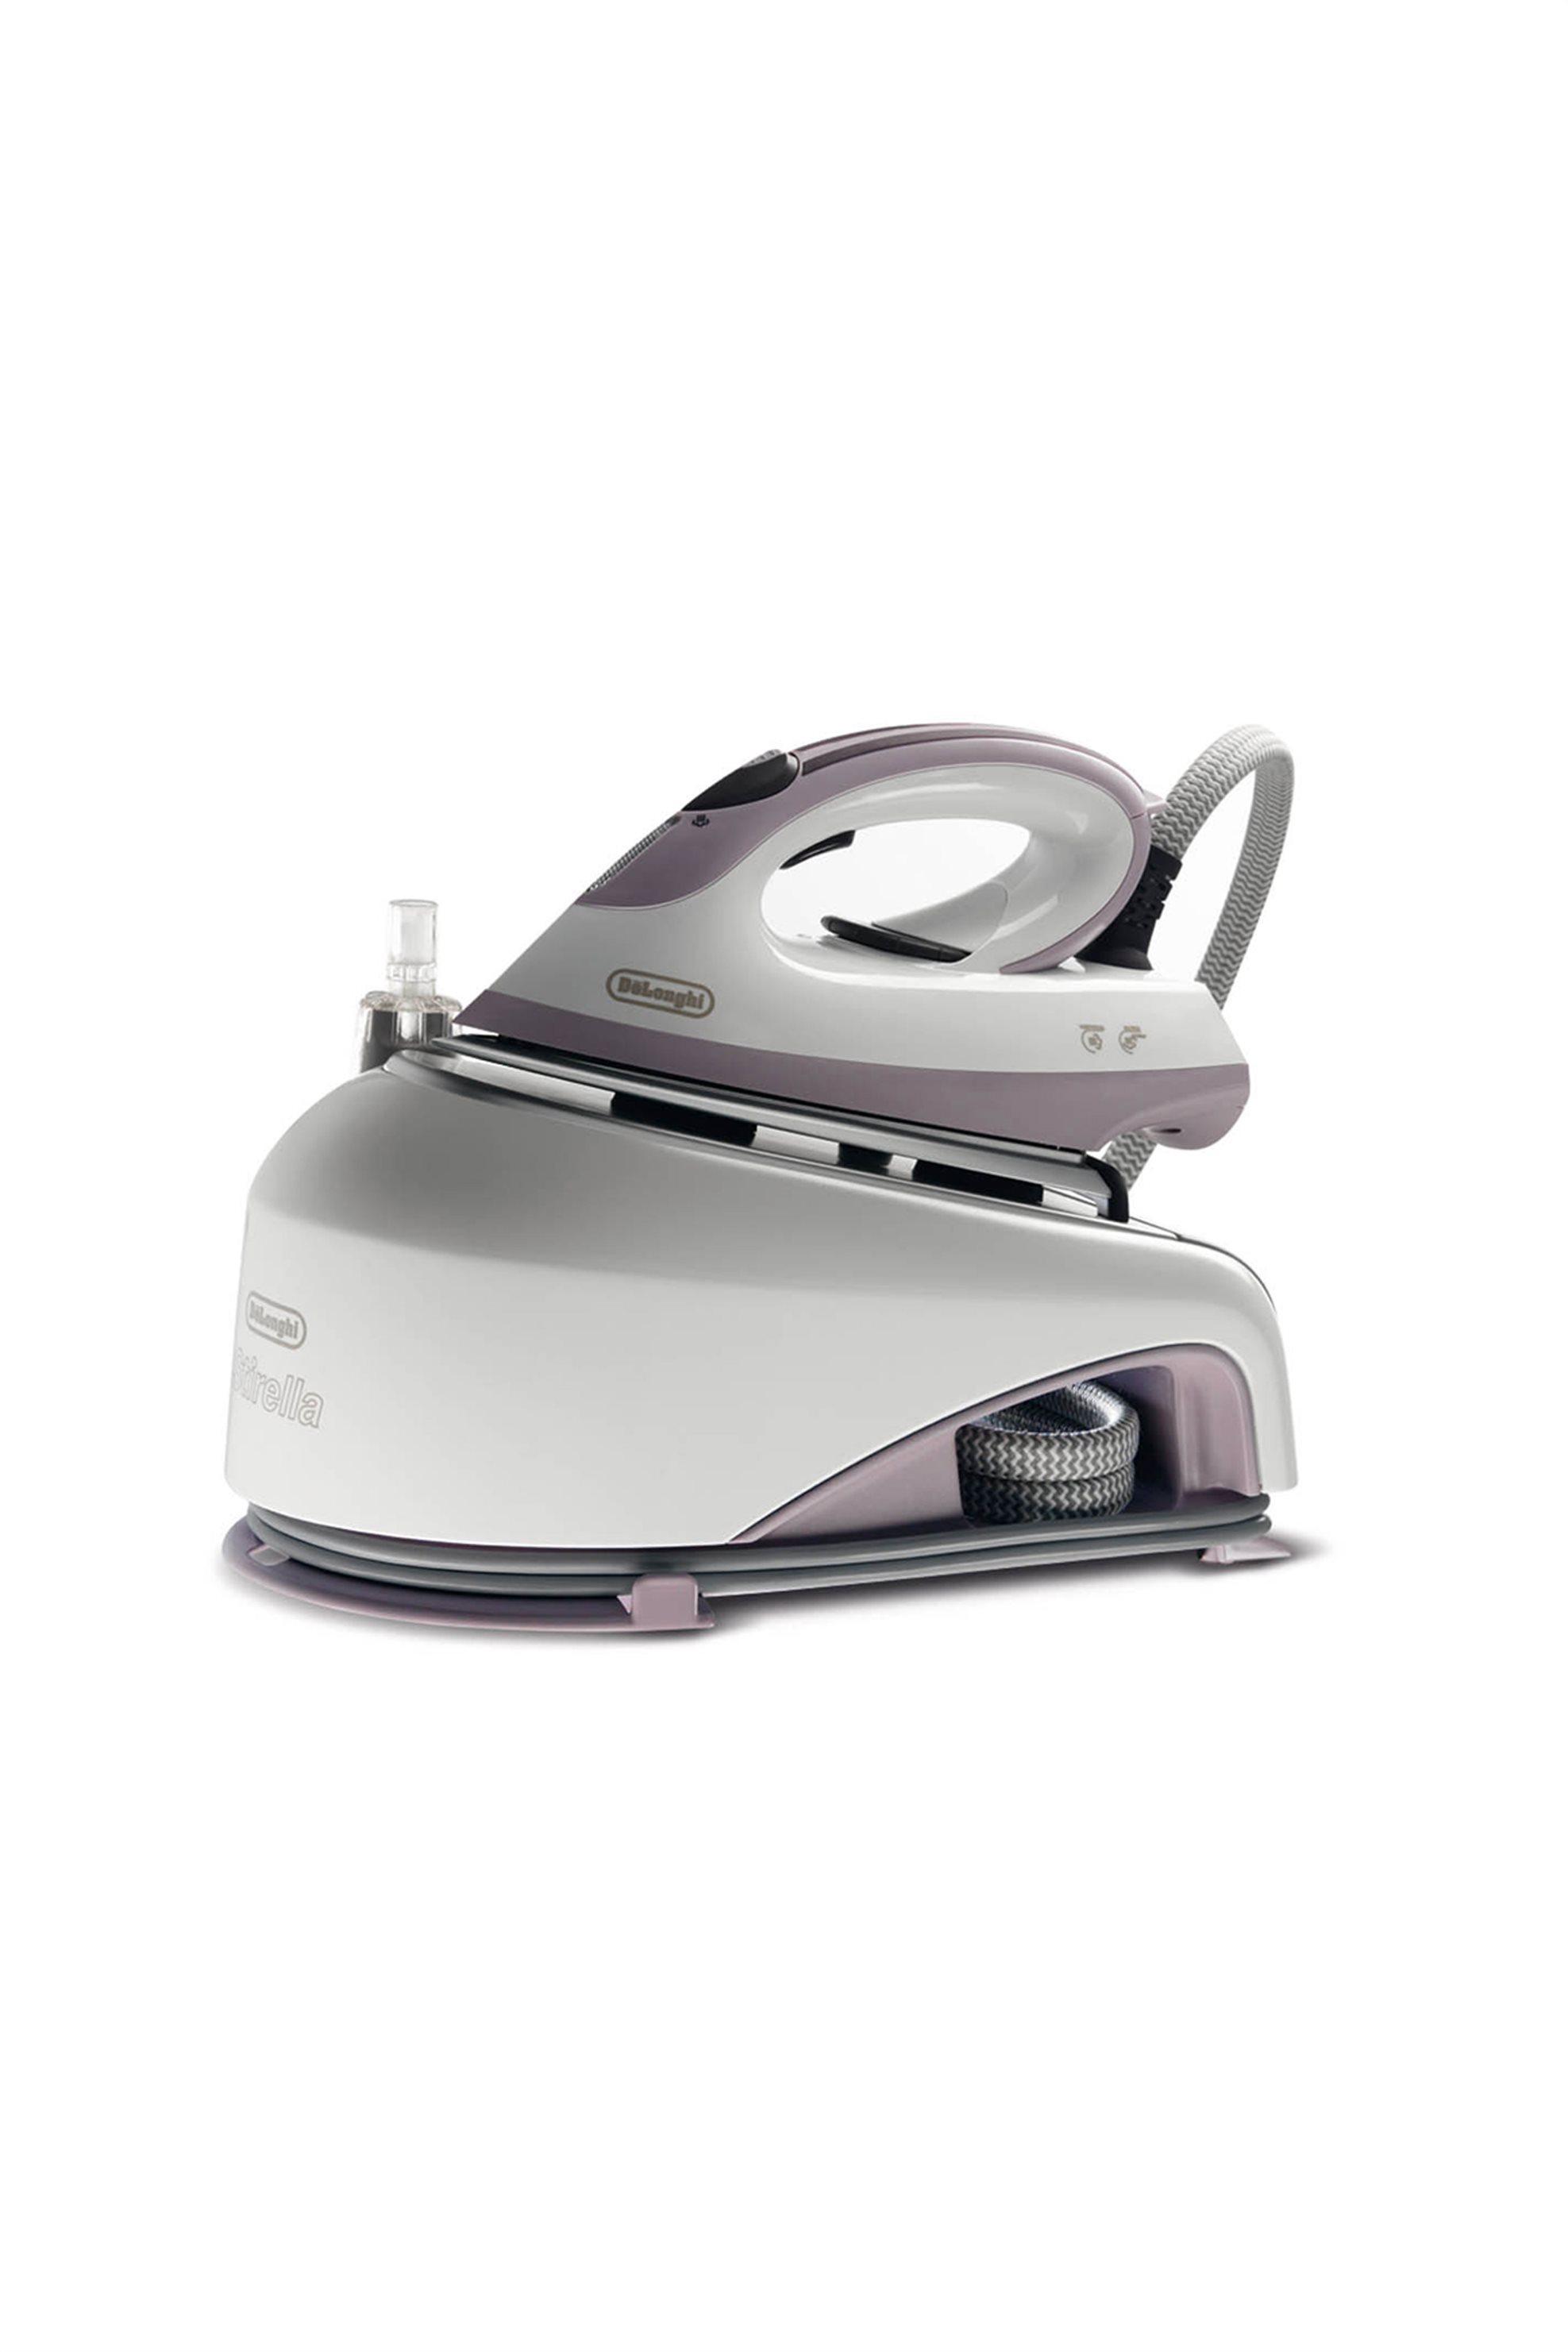 Σύστημα σιδερώματος VVX1420 Stirella De'Longhi - 0128741611 home   μικρεσ οικιακεσ συσκευεσ   σιδέρωμα